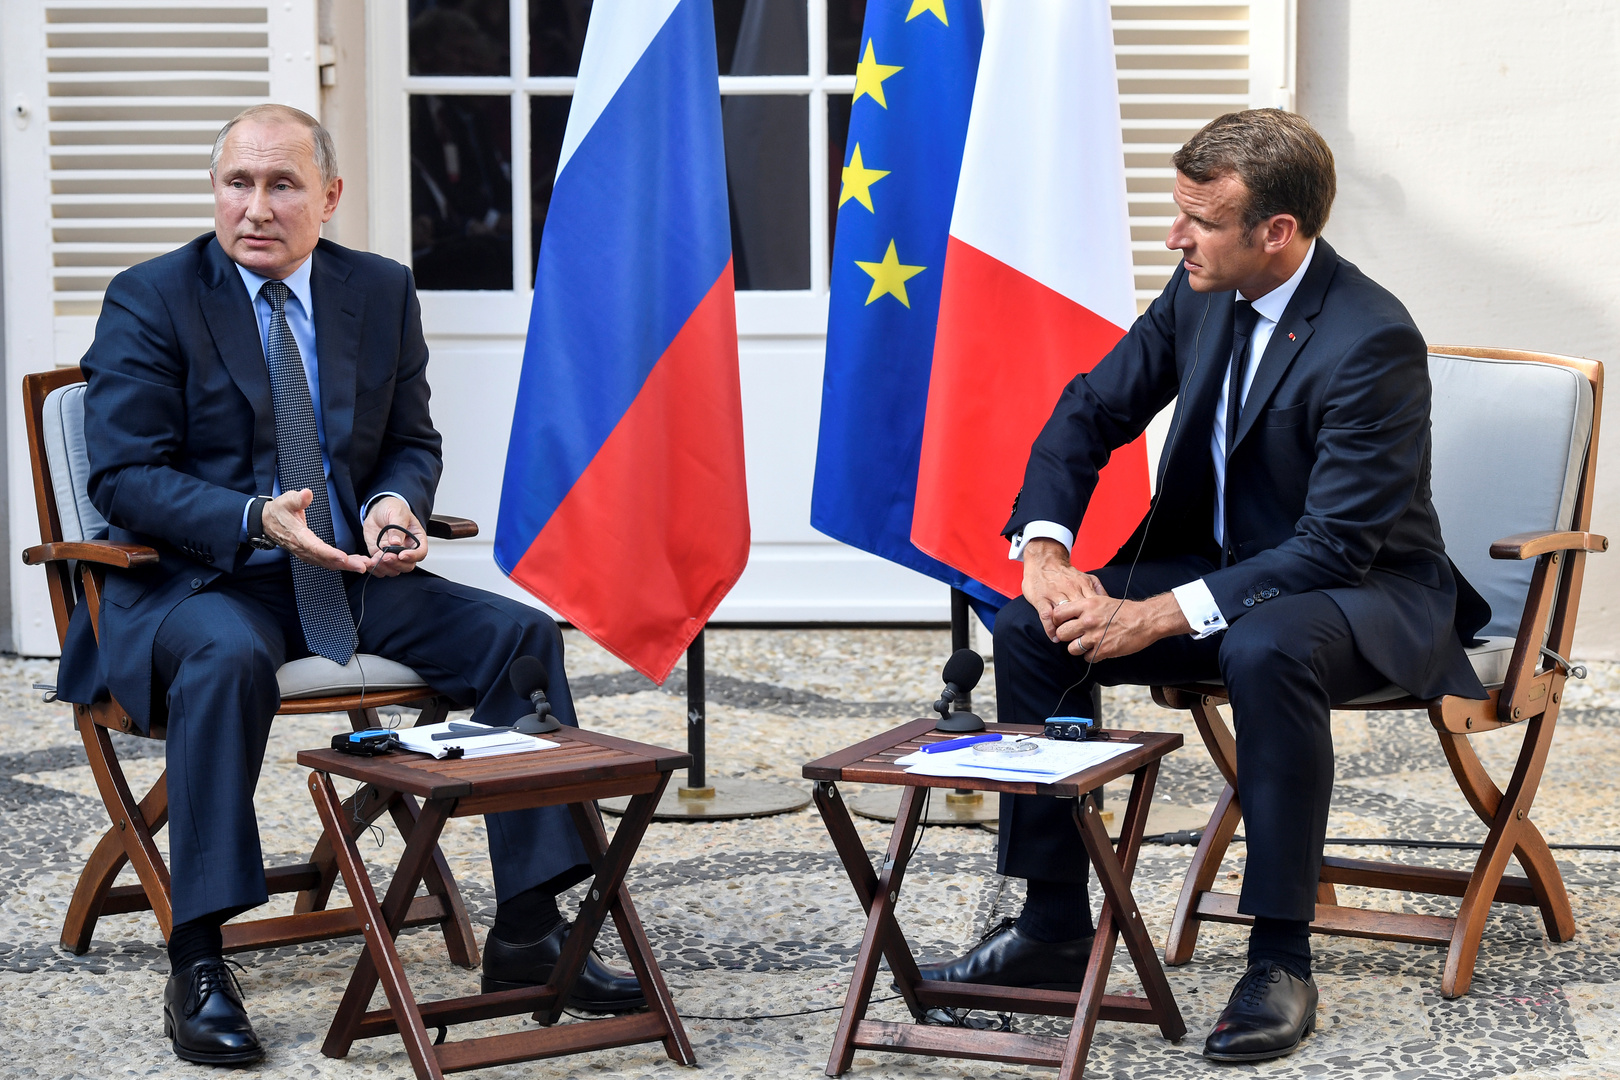 بوتين يؤكد لماكرون رفض روسيا الاتهامات الموجهة إليها في قضية نافالني